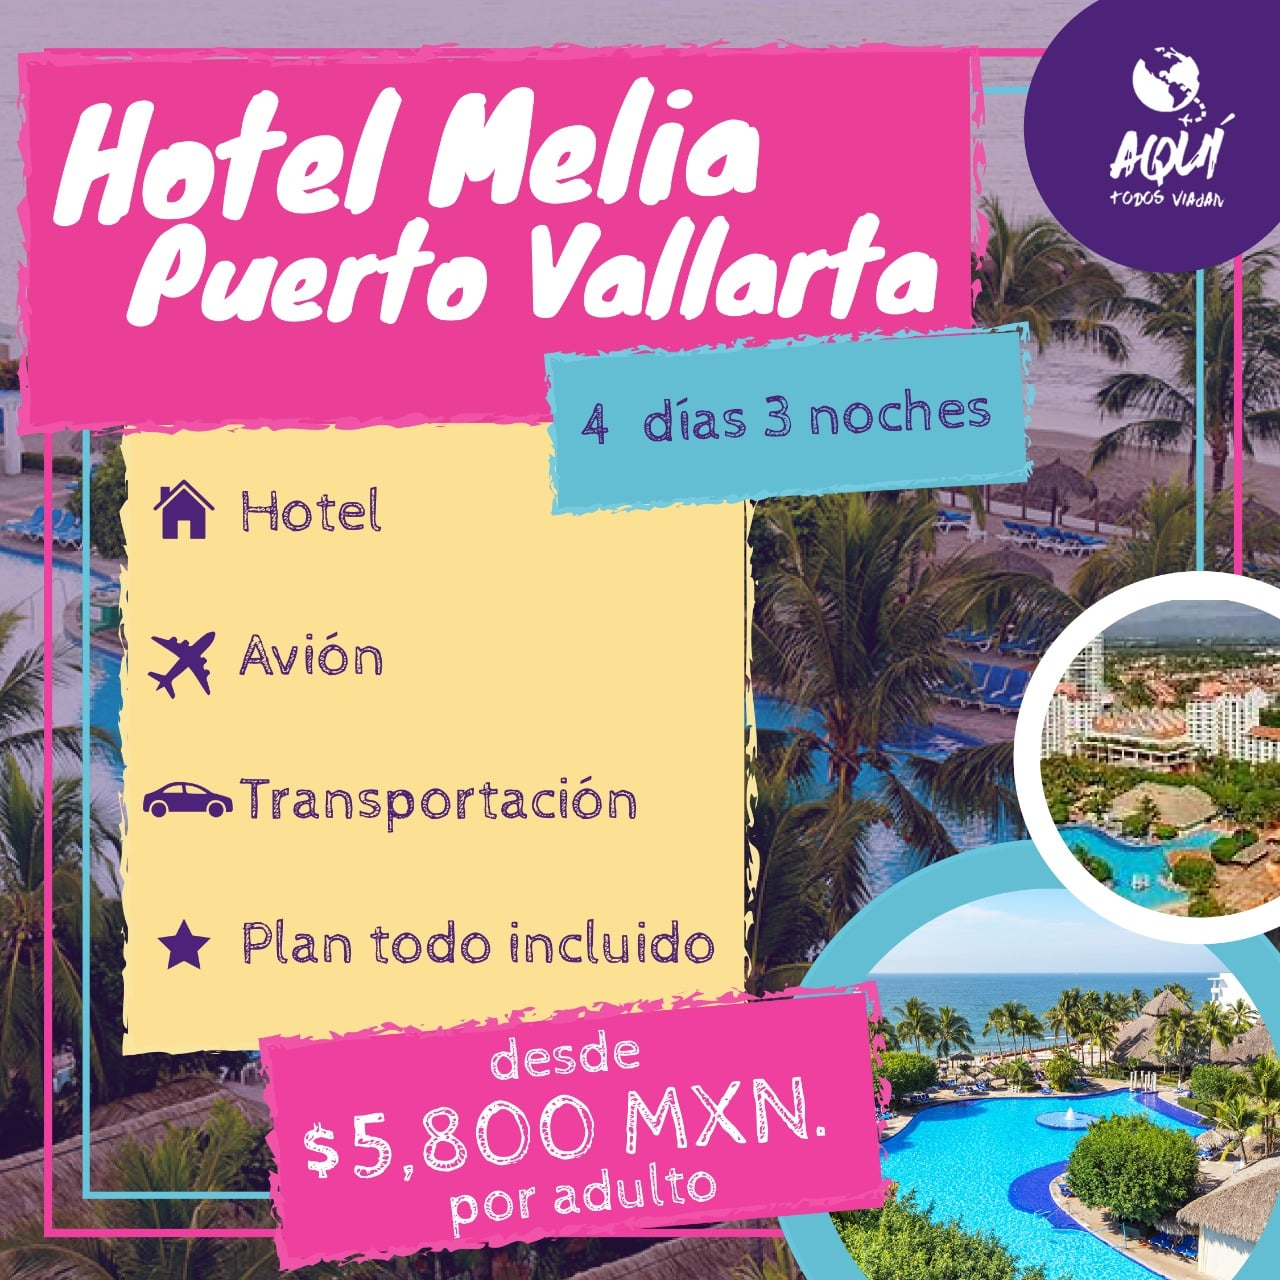 Melia Vallarta, Promocion, Agencia de Viajes, Aquí Todos Viajan, Apodaca